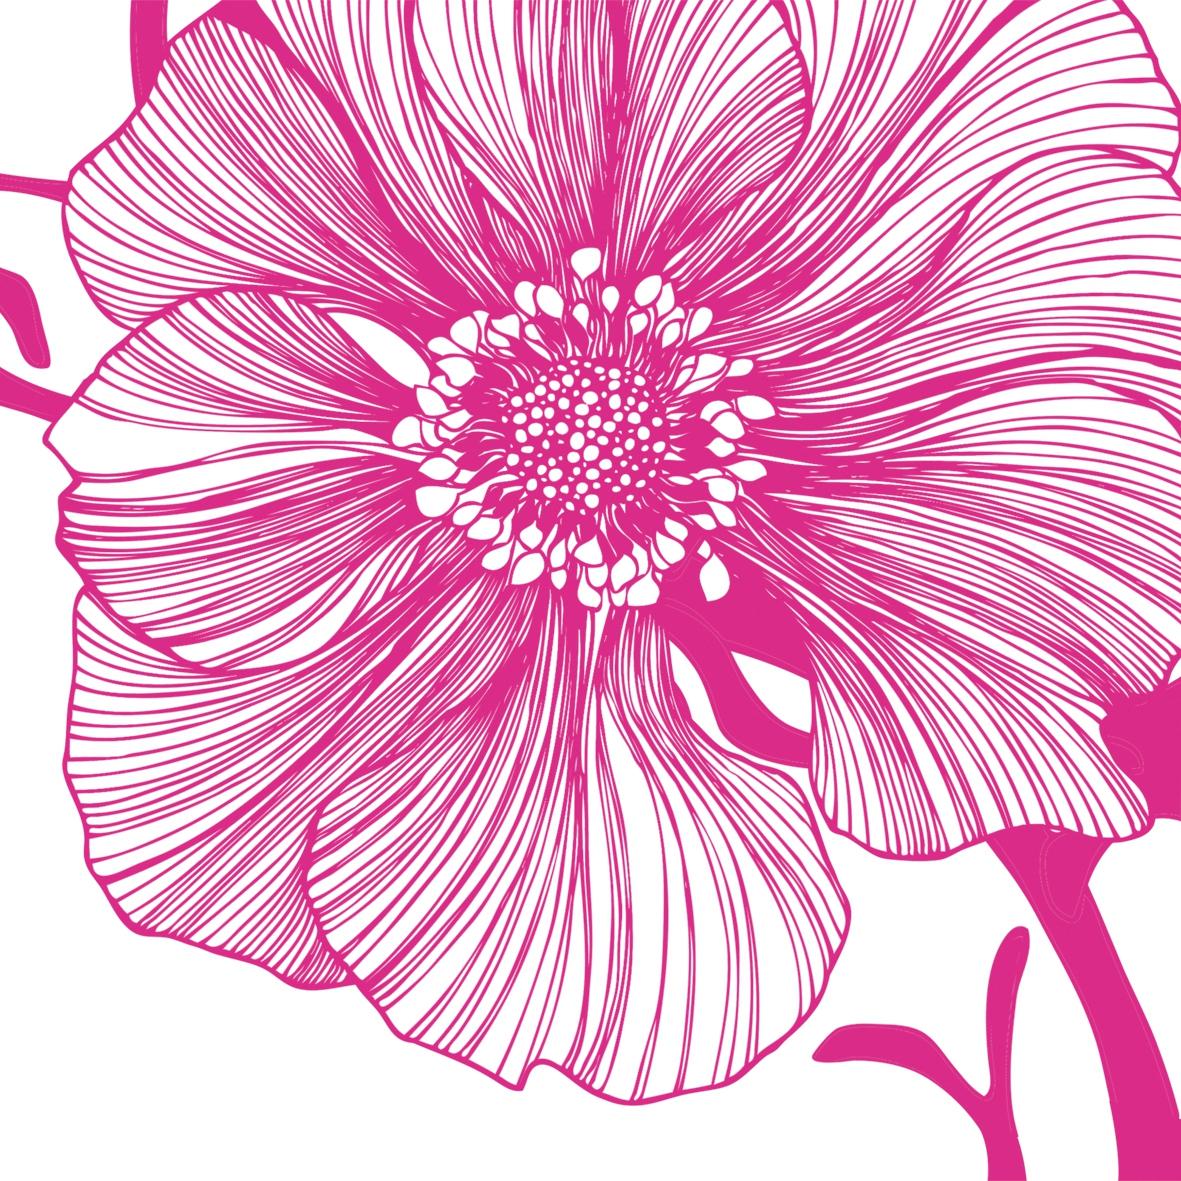 Lunch Servietten Sea Flower pink,  Blumen - Seerosen,  Everyday,  lunchservietten,  Seerosen